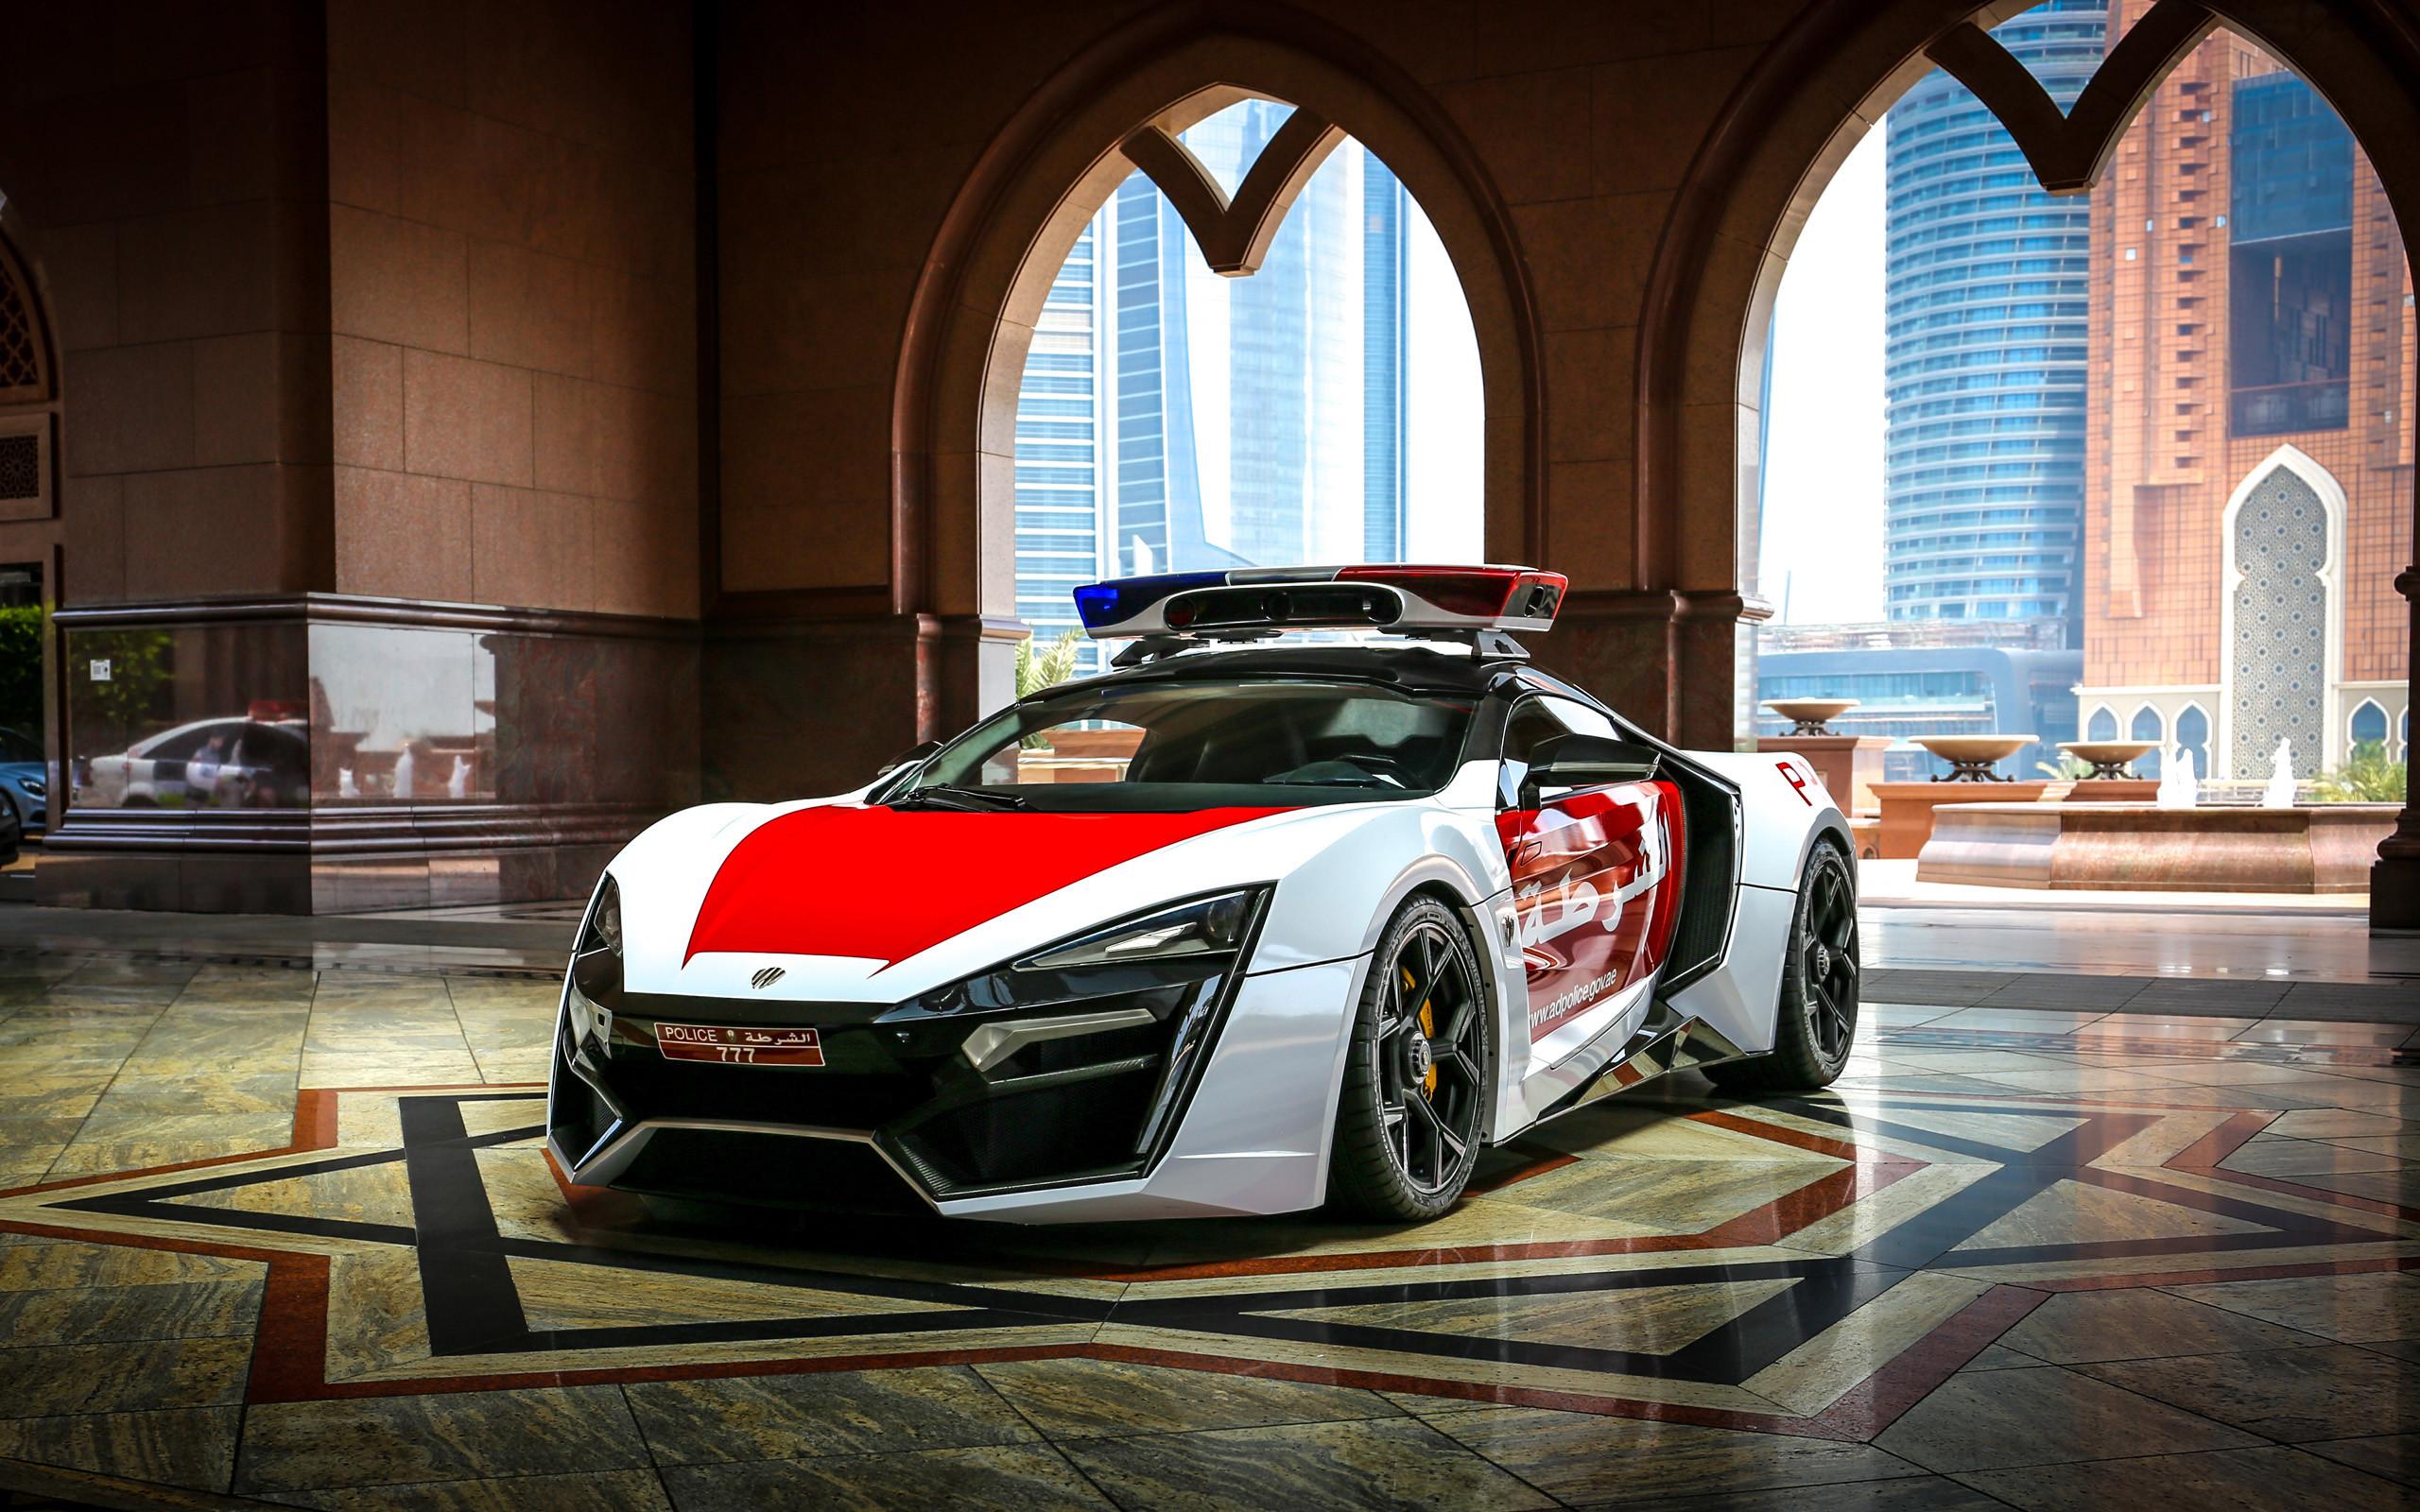 2015 W Motors Lykan Hypersport Abu Dhabi Police